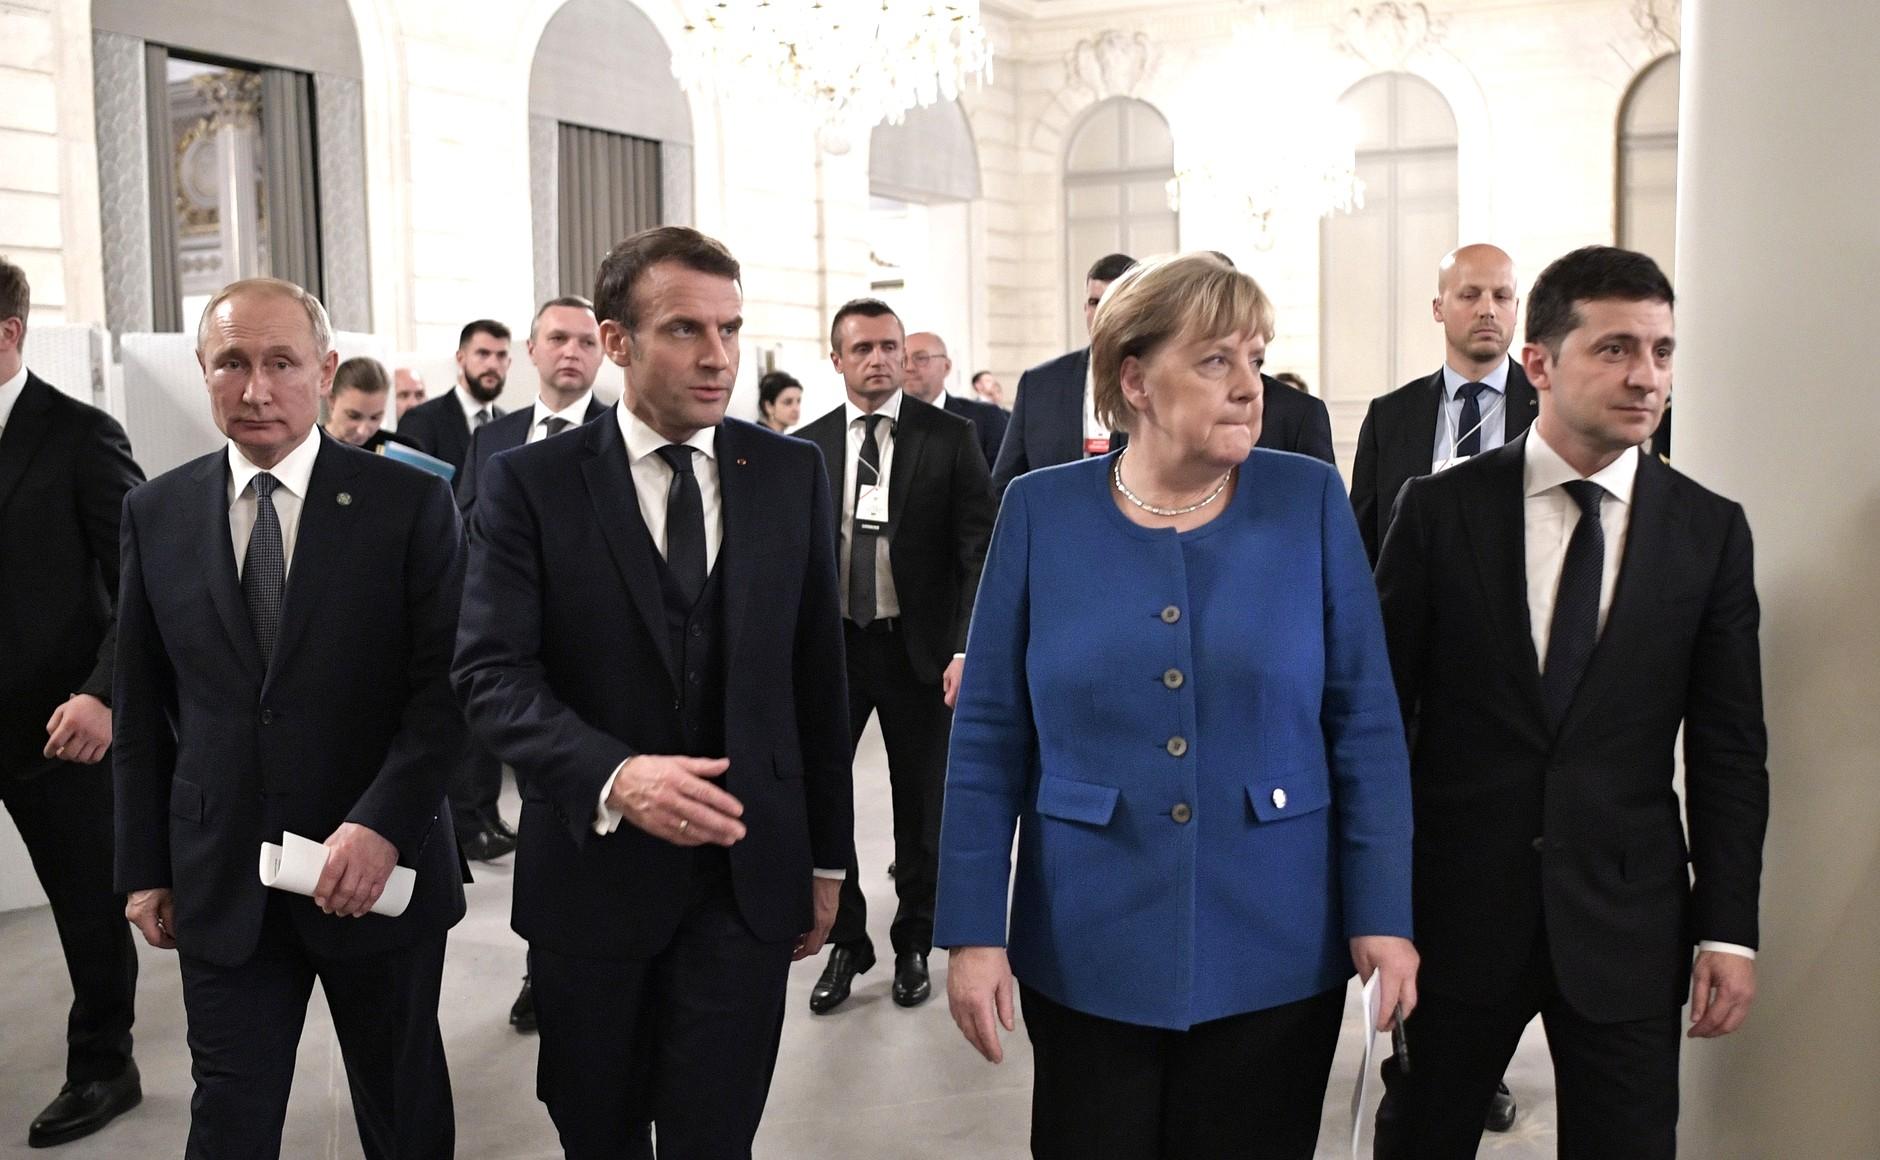 L'incontro multilaterale tra il Presidente russo Putin, il Presidente francese Macron, la Cancelliera tedesca Merkel e il Presidente ucraino Zelensky, 12 ottobre 2019